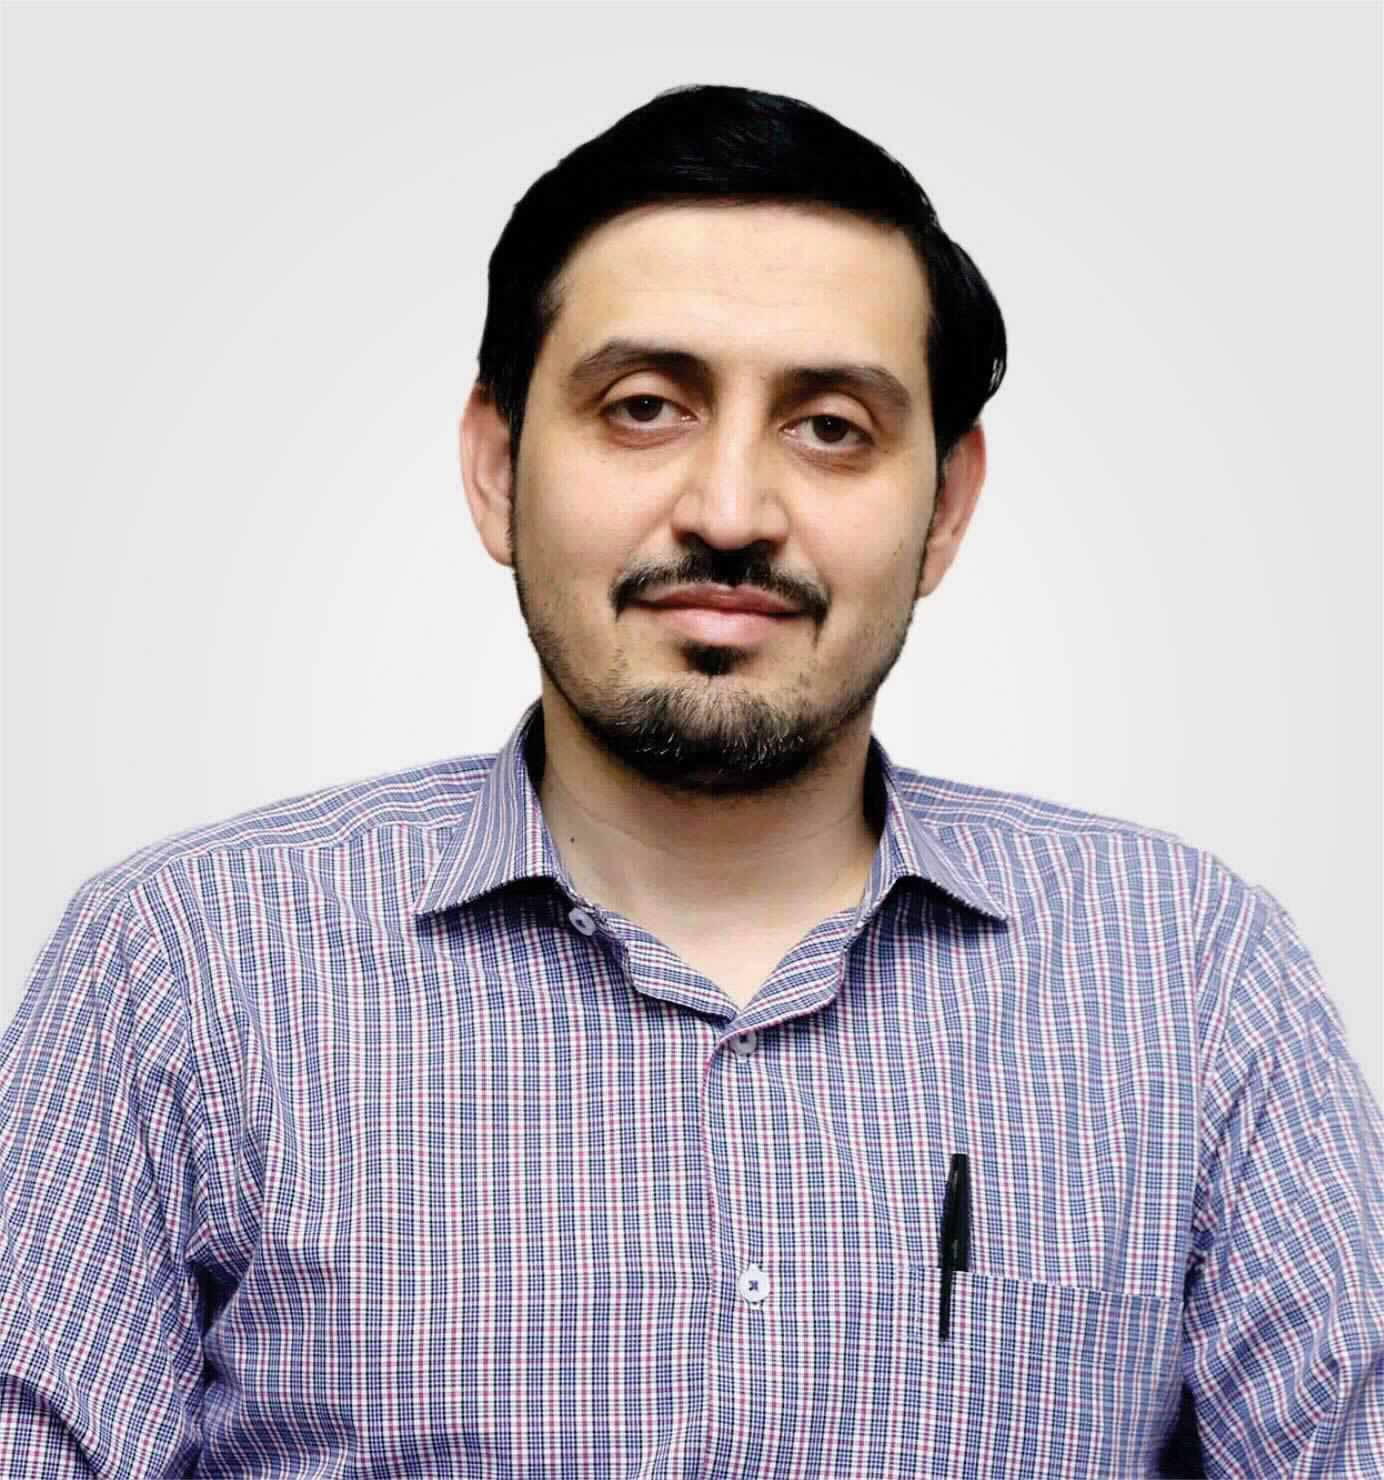 Muhammad Kashif Jan